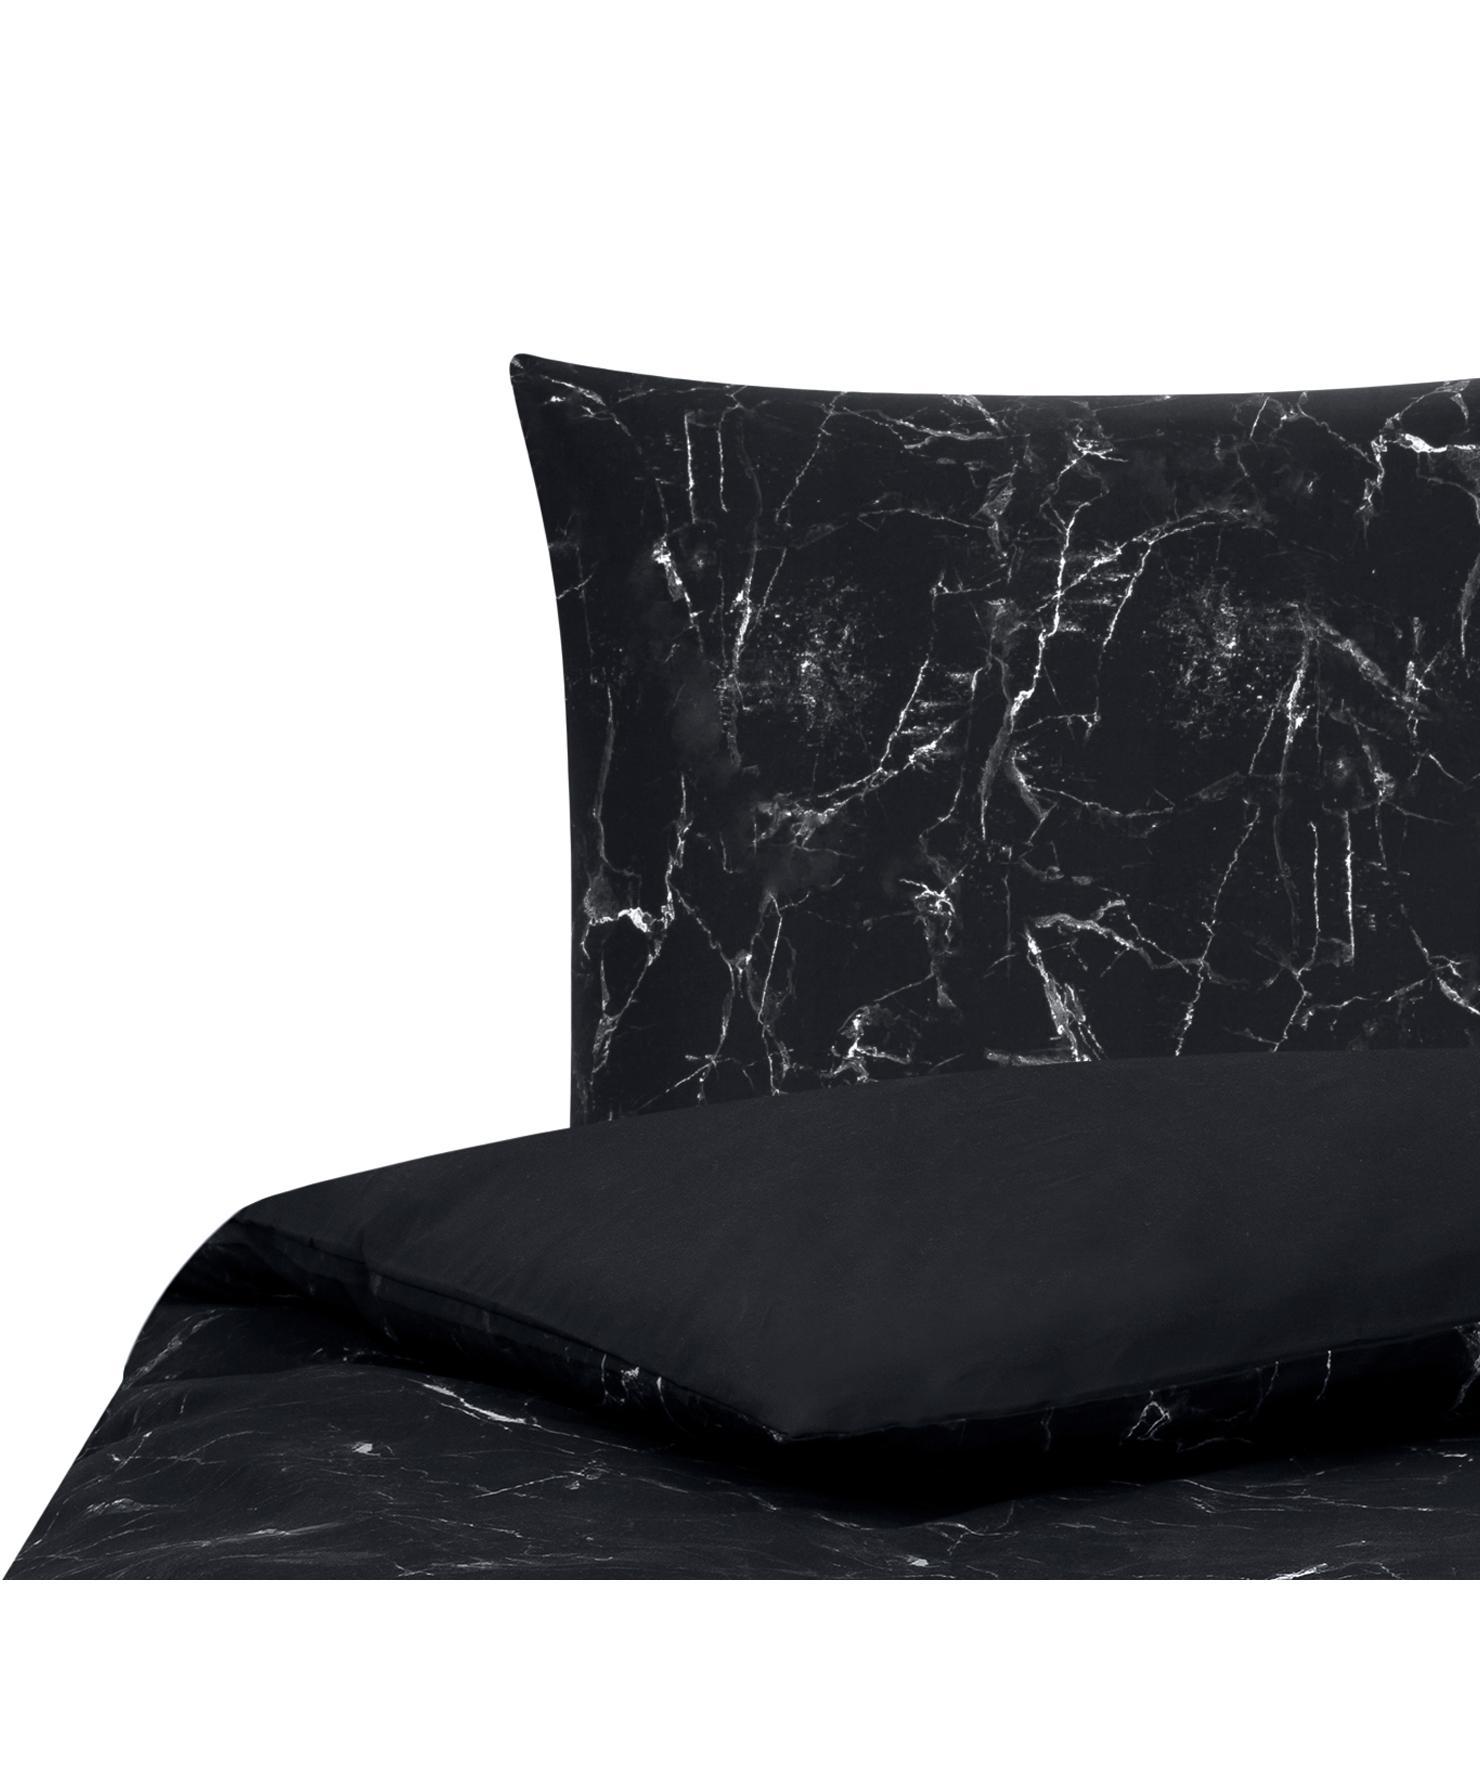 Baumwollperkal-Bettwäsche Malin mit Marmor-Muster, Webart: Perkal Fadendichte 200 TC, Schwarz, 155 x 220 cm + 1 Kissen 80 x 80 cm